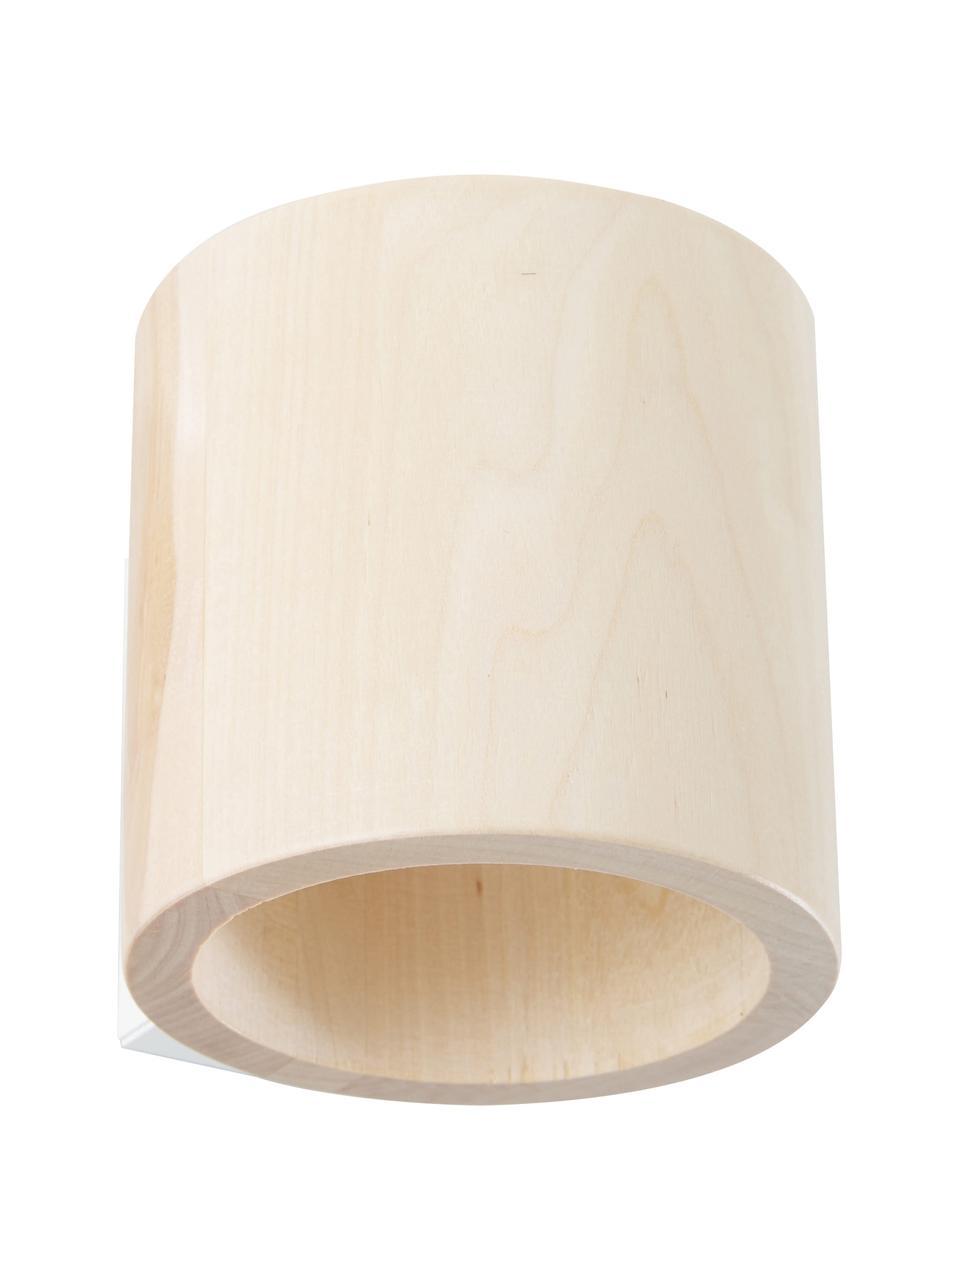 Applique in legno Roda, Paralume: legno, Marrone chiaro, Larg. 10 x Alt. 10 cm